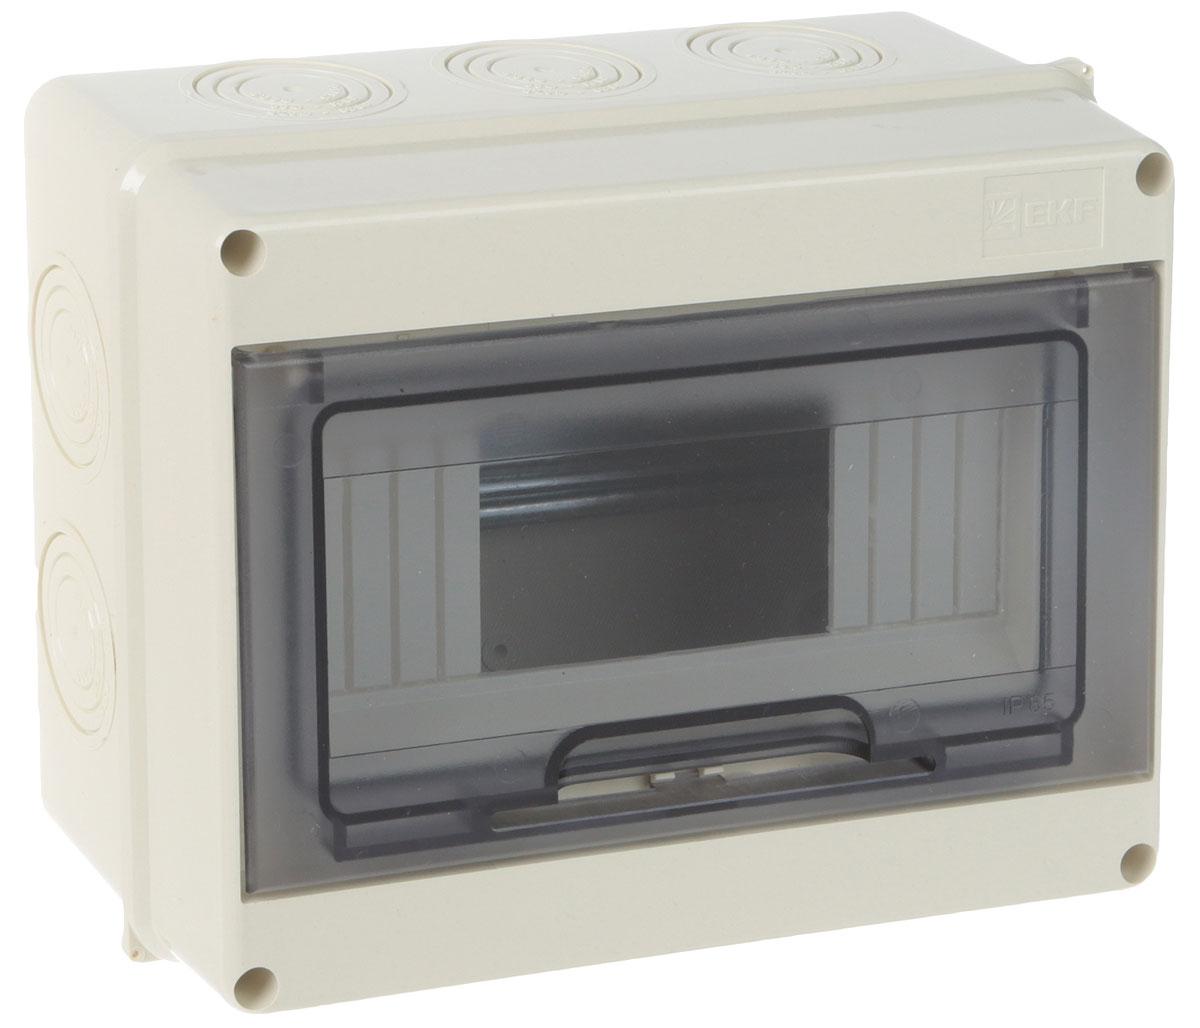 Щит распределительный EKF ЩРН-ПГ-8 IP65 ограничитель ekf opv d1